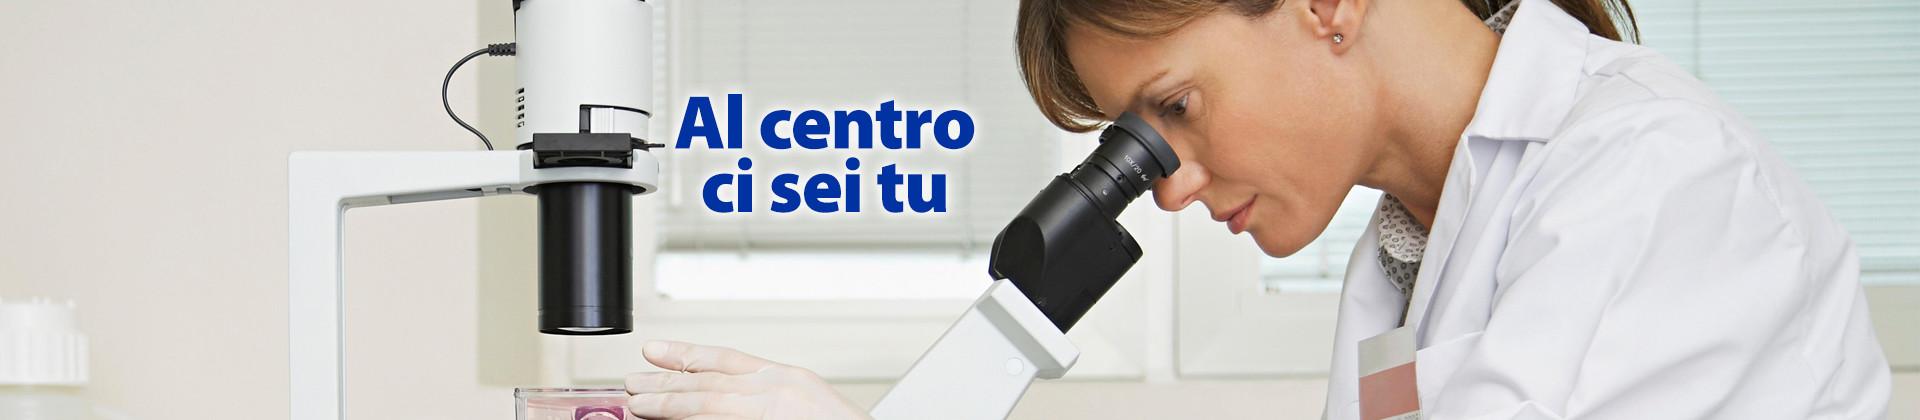 slide_sito-1920x420_microscopio